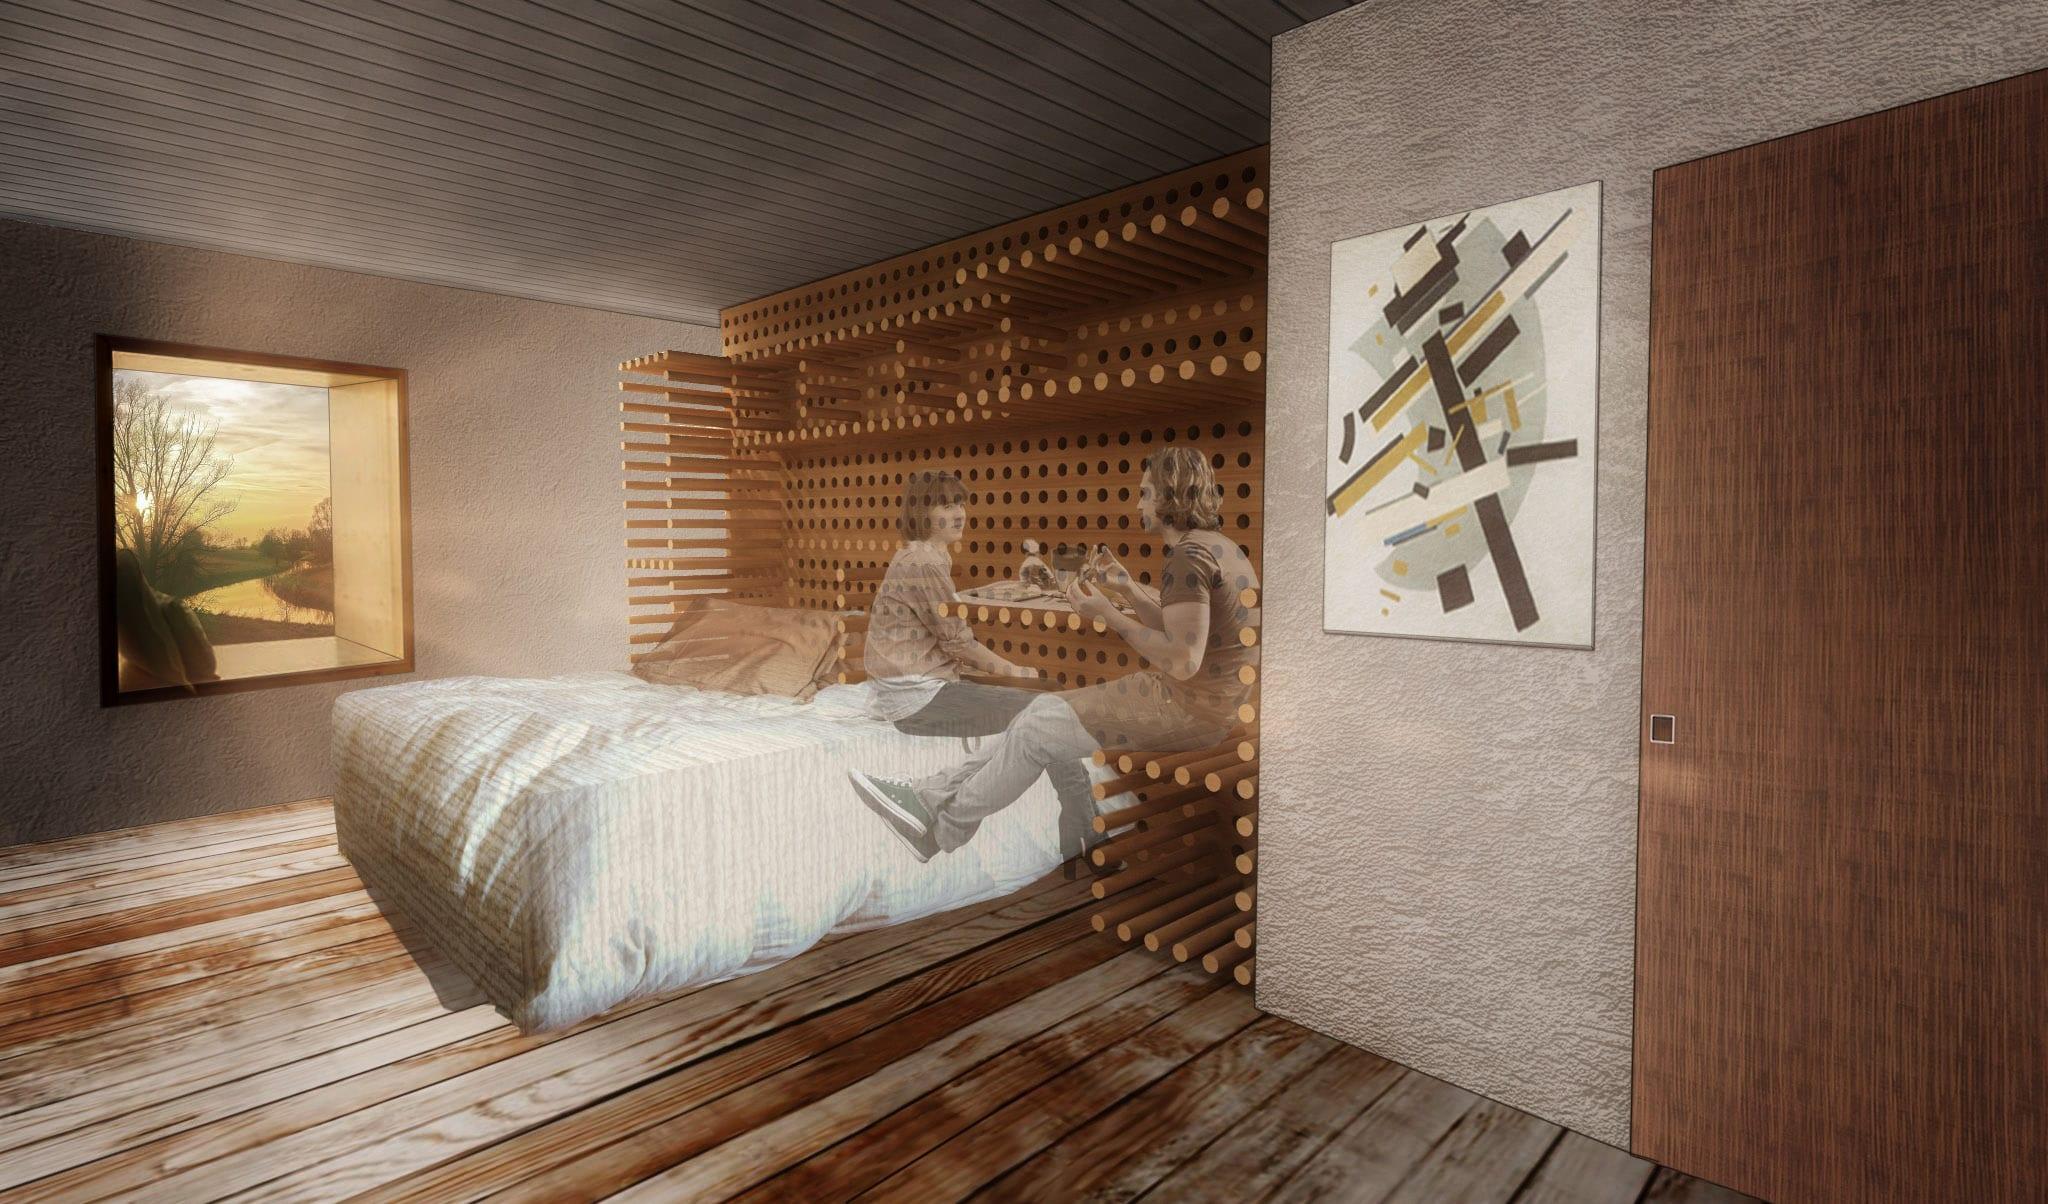 Mobiliario flexible con varillasWallflex equipar la cama